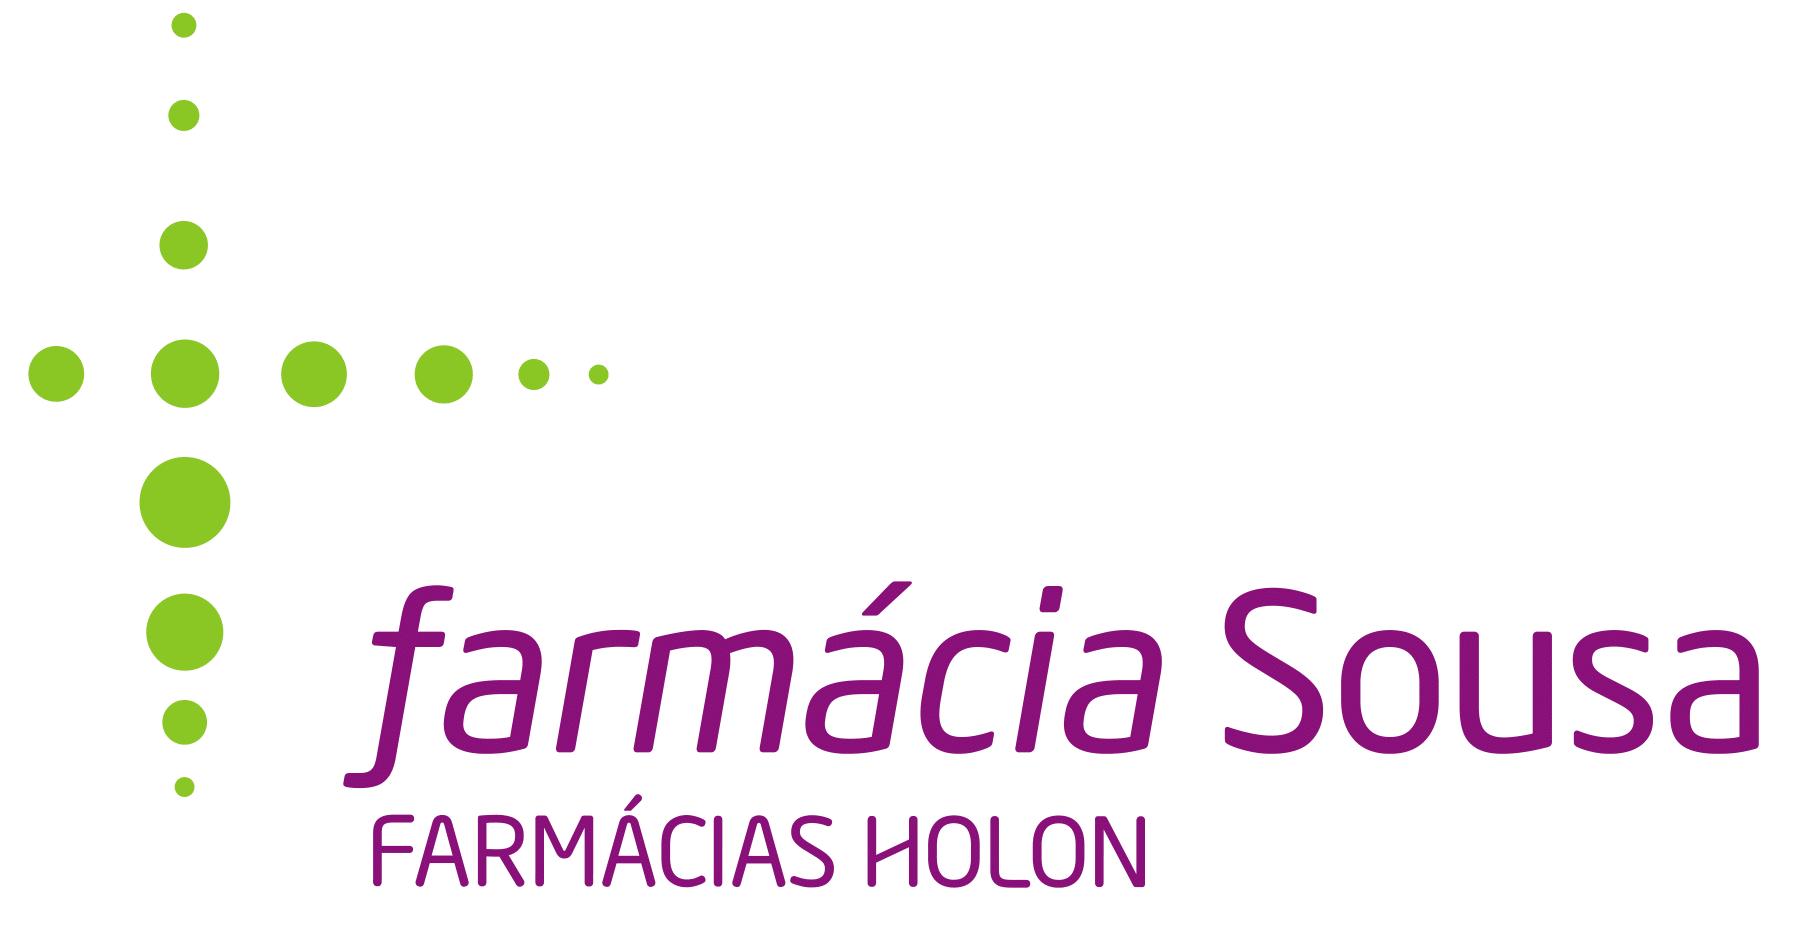 LOGO_FARMACIA_SOUSA copy-1 (1).png